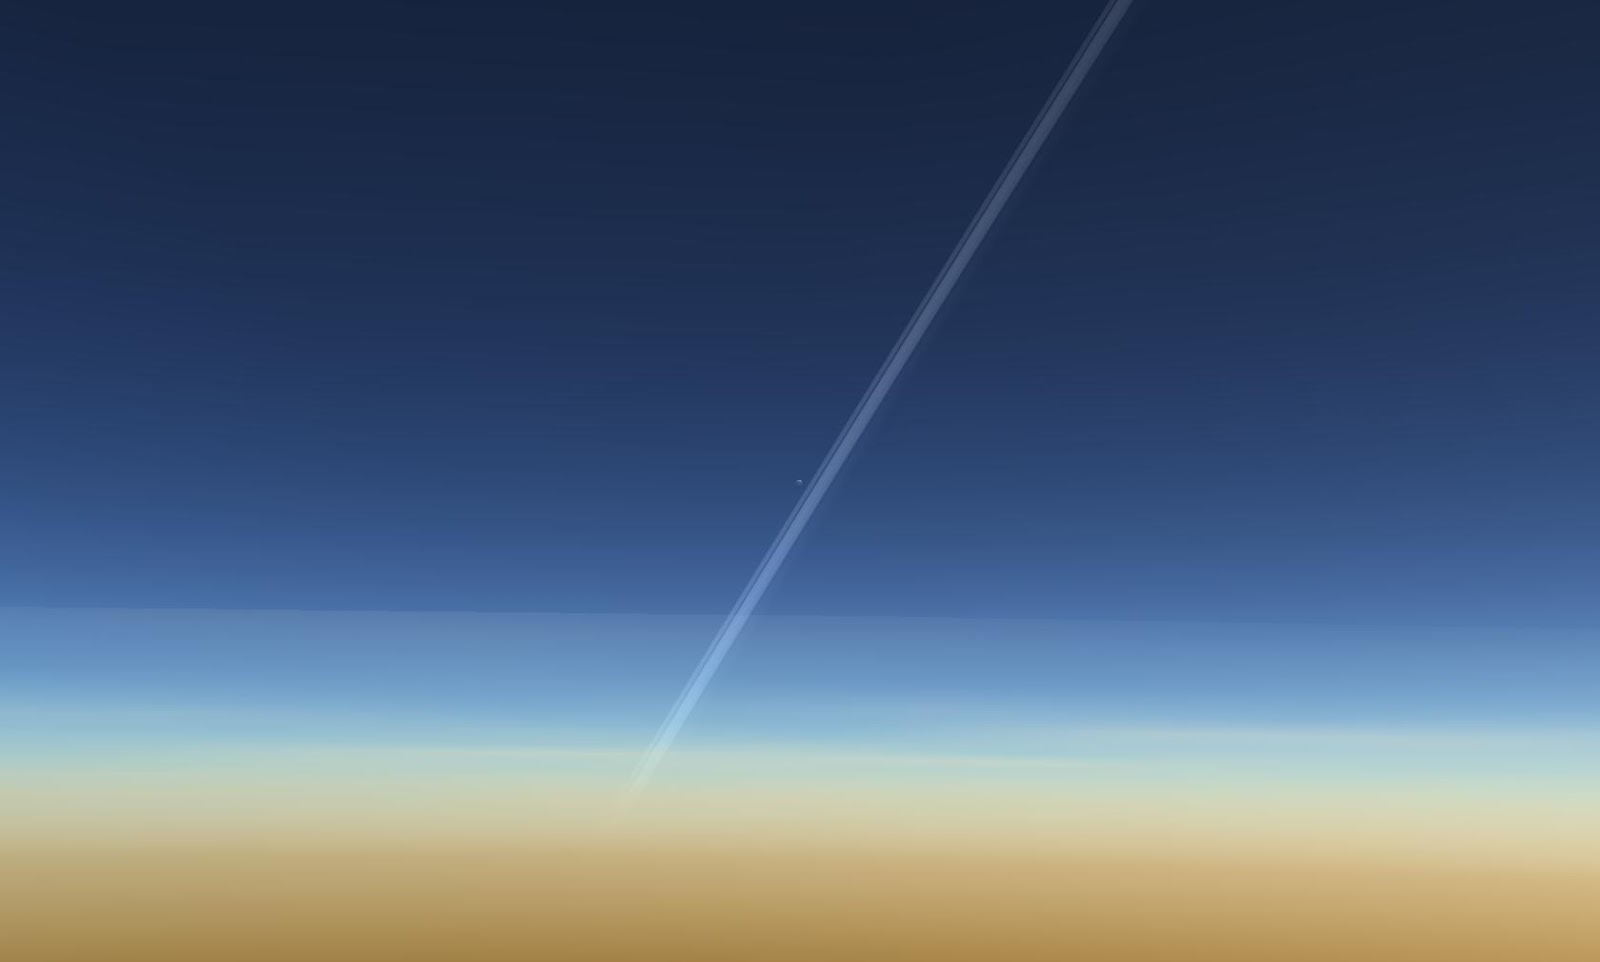 Vành đai của hành tinh Thổ và vệ tinh Titan của nó. Tác giả : John Brady ở Astronomy Central trên mạng xã hội Reddit.